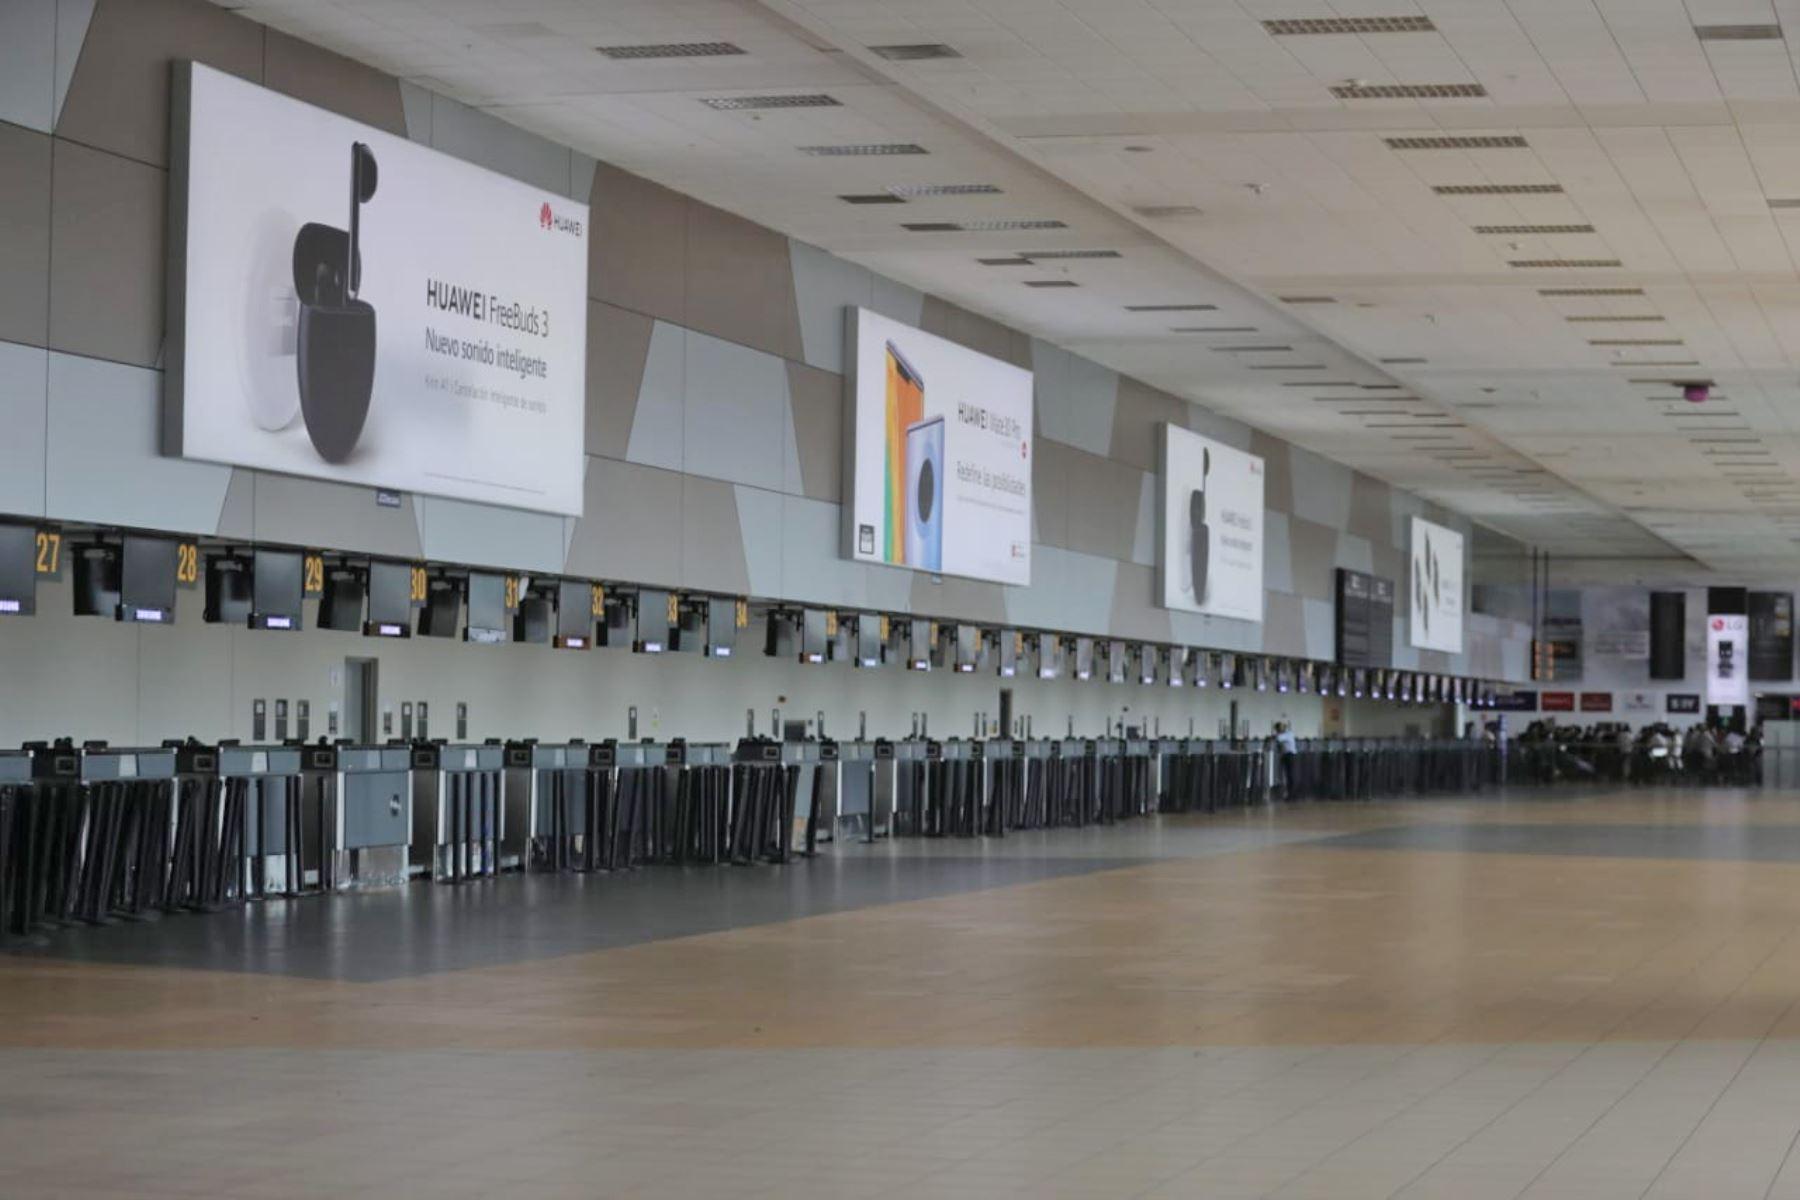 Así luce el Aeropuerto Jorge Chavez en segundo día de emergencia sanitaria. Foto: ANDINA/ Carla Patiño